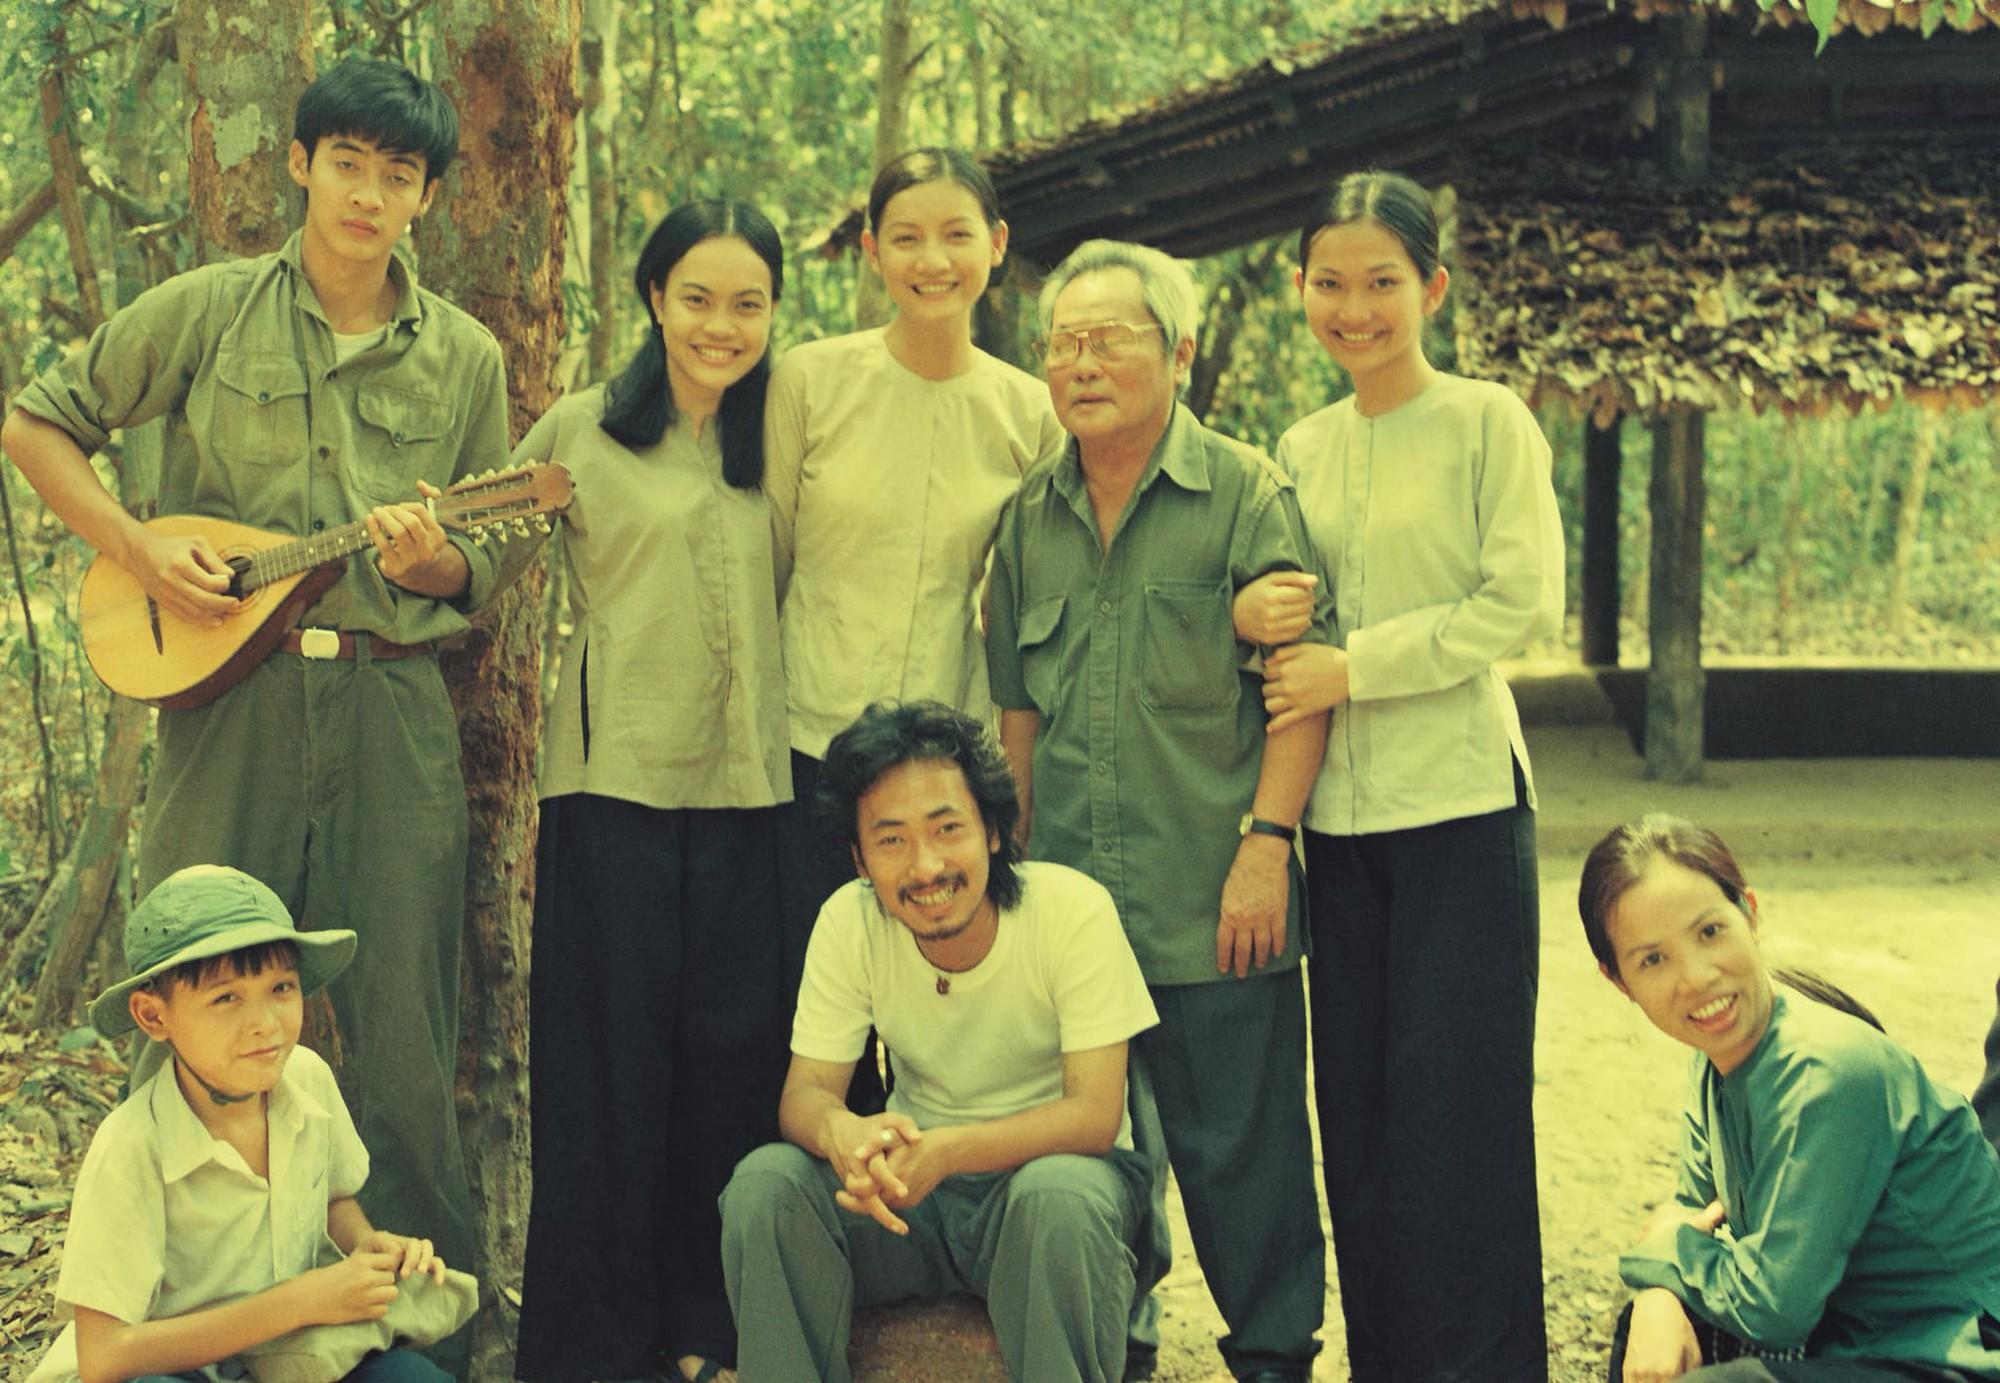 Tin được không, 20 năm trước bác sĩ Hải của Hậu Duệ Mặt Trời bản Việt đẹp trai như một soái ca ngôn tình - Ảnh 14.